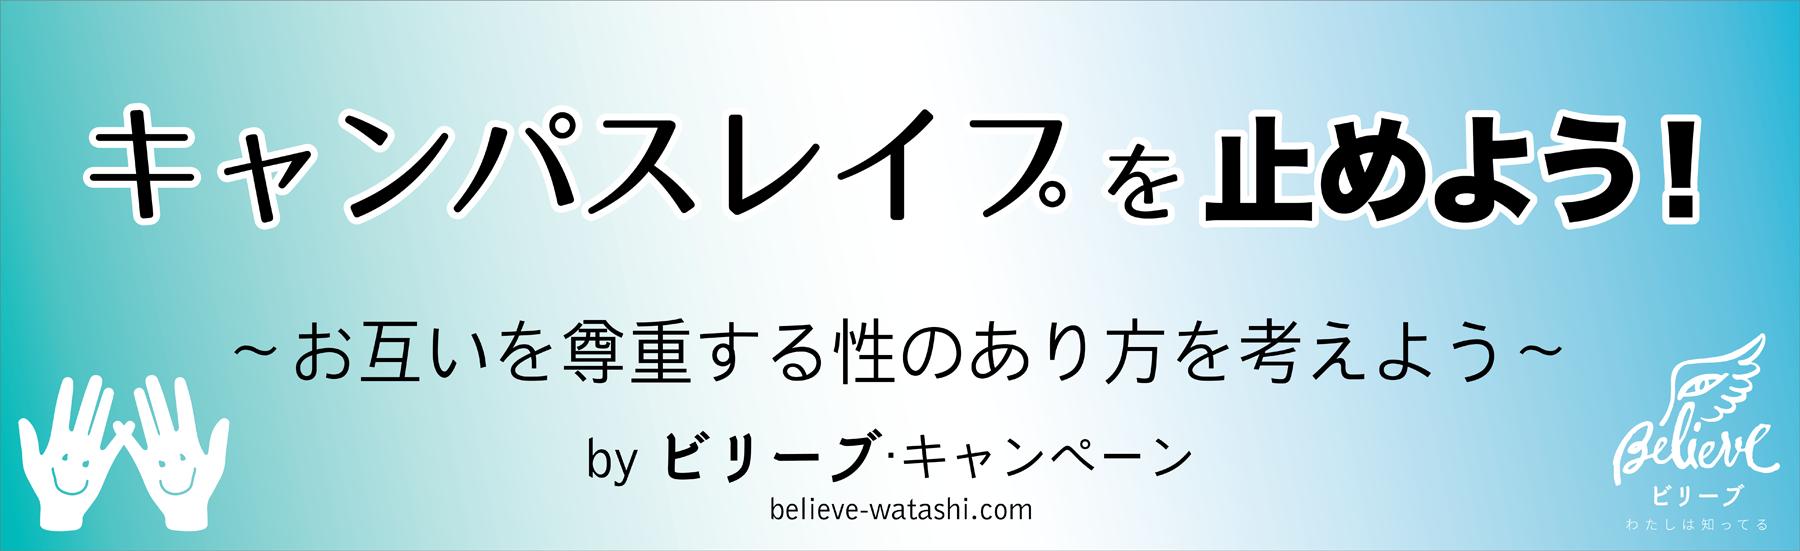 バナー_03-06-17_O_Final.png